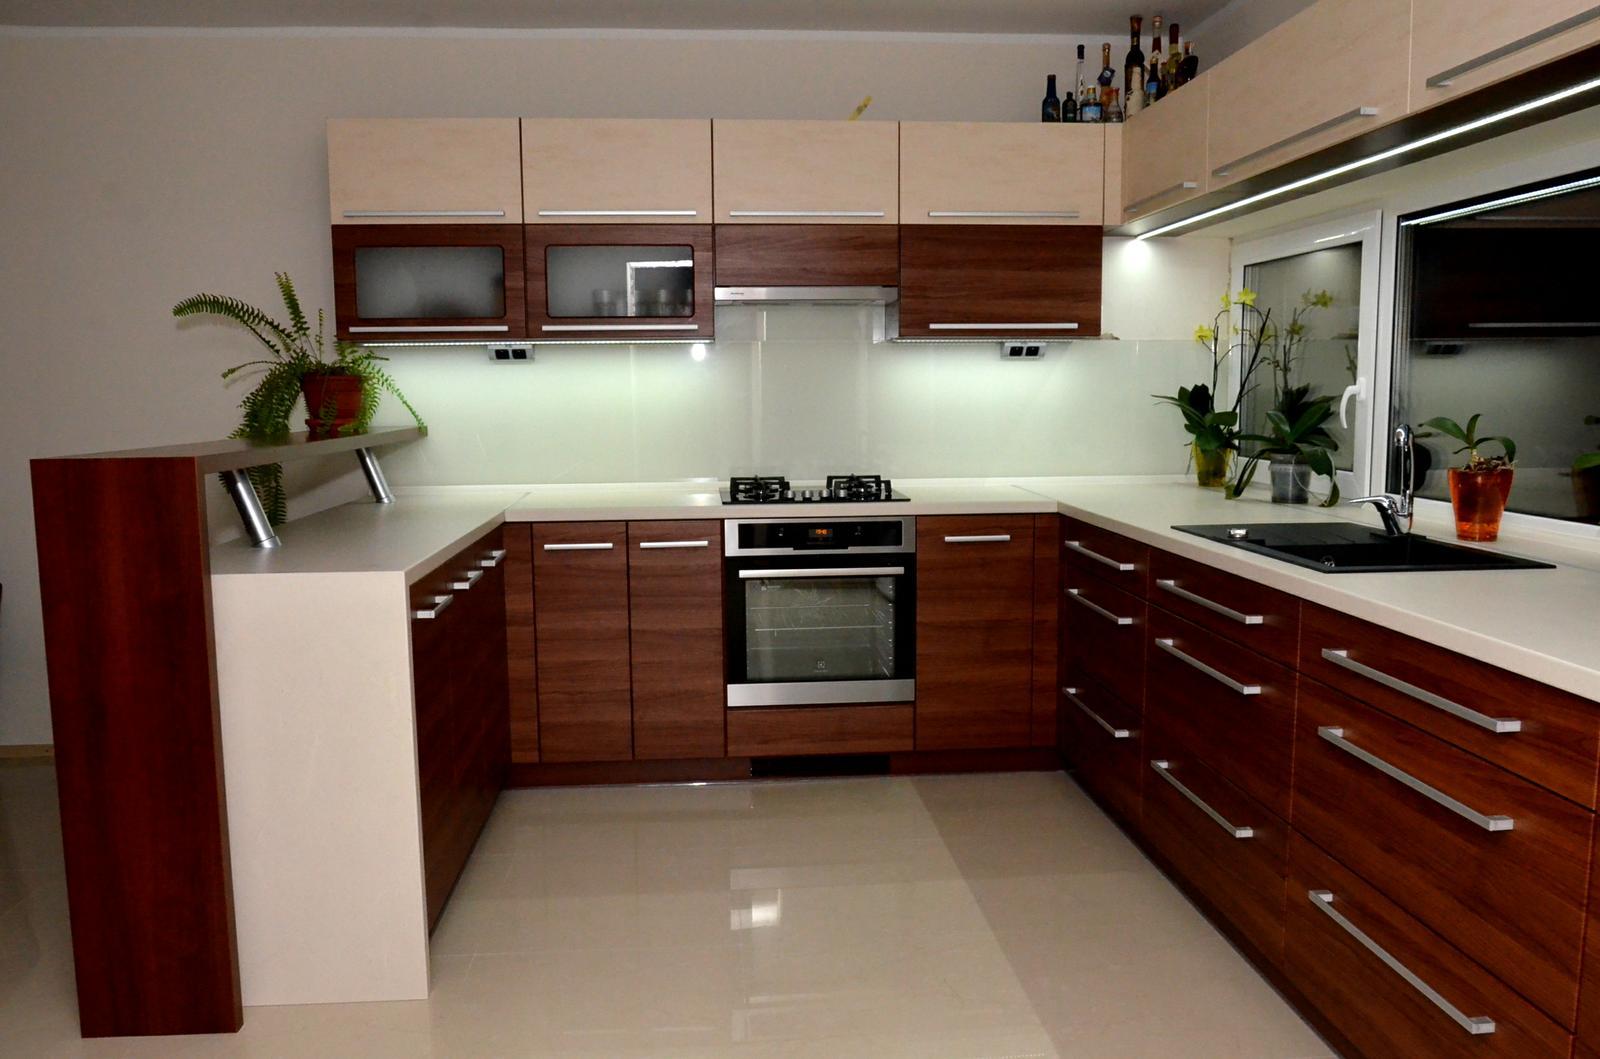 b0f7ac4c822d Posoda za zdravo kuhanje in kvalitetni pripomočki  Grafosklo cena m2